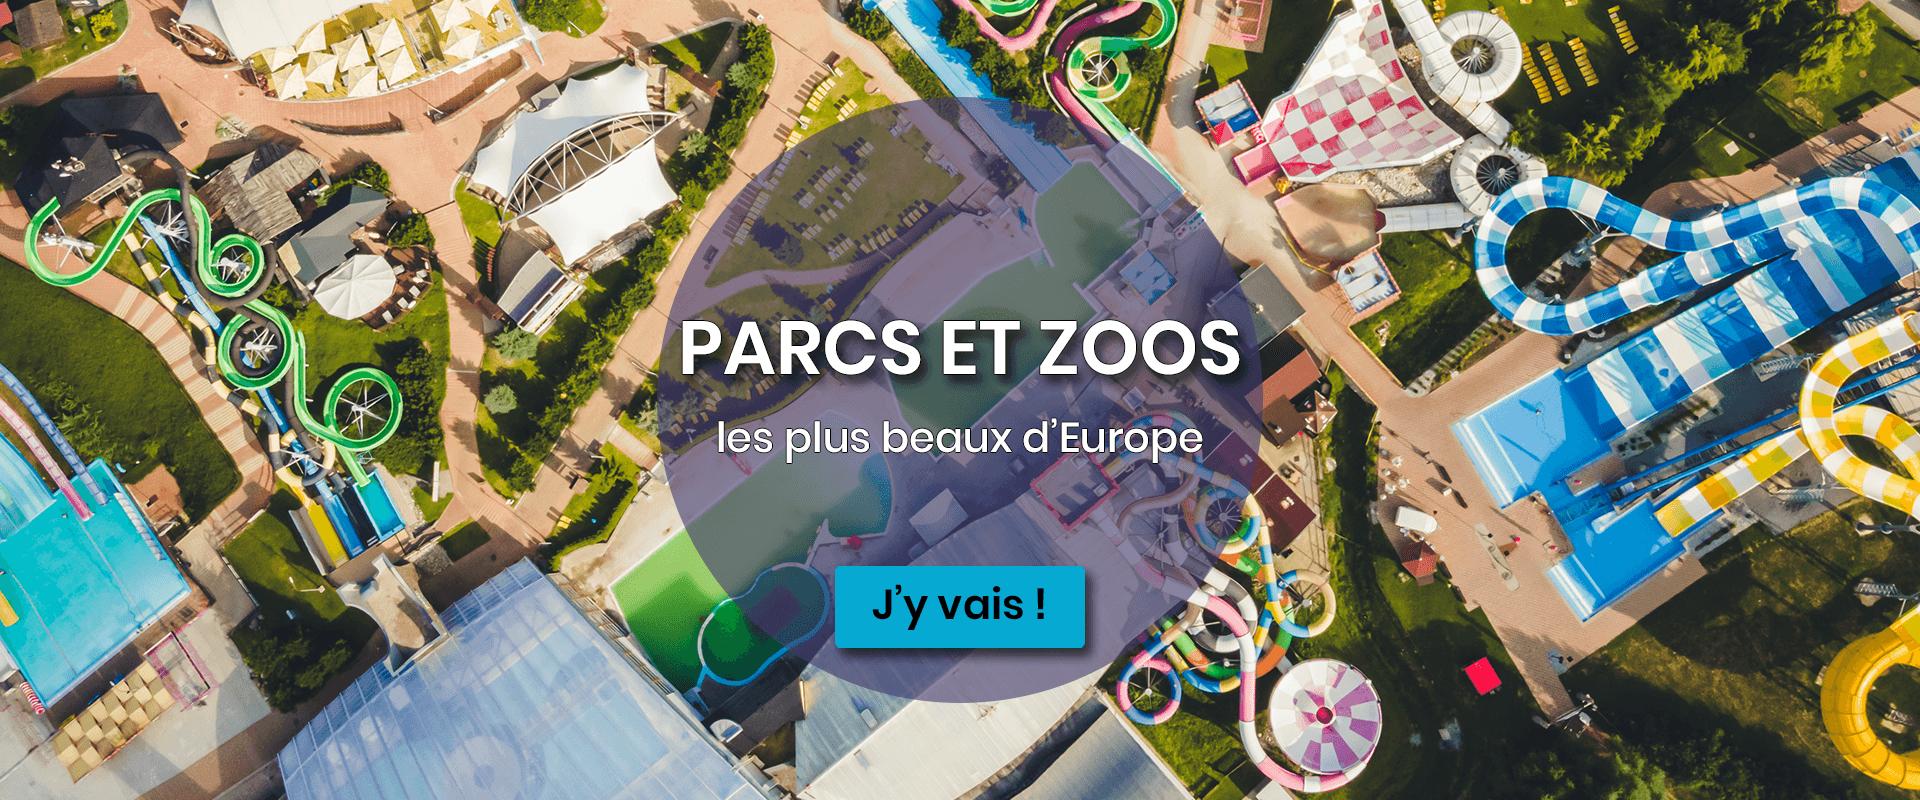 Parc et Zoo